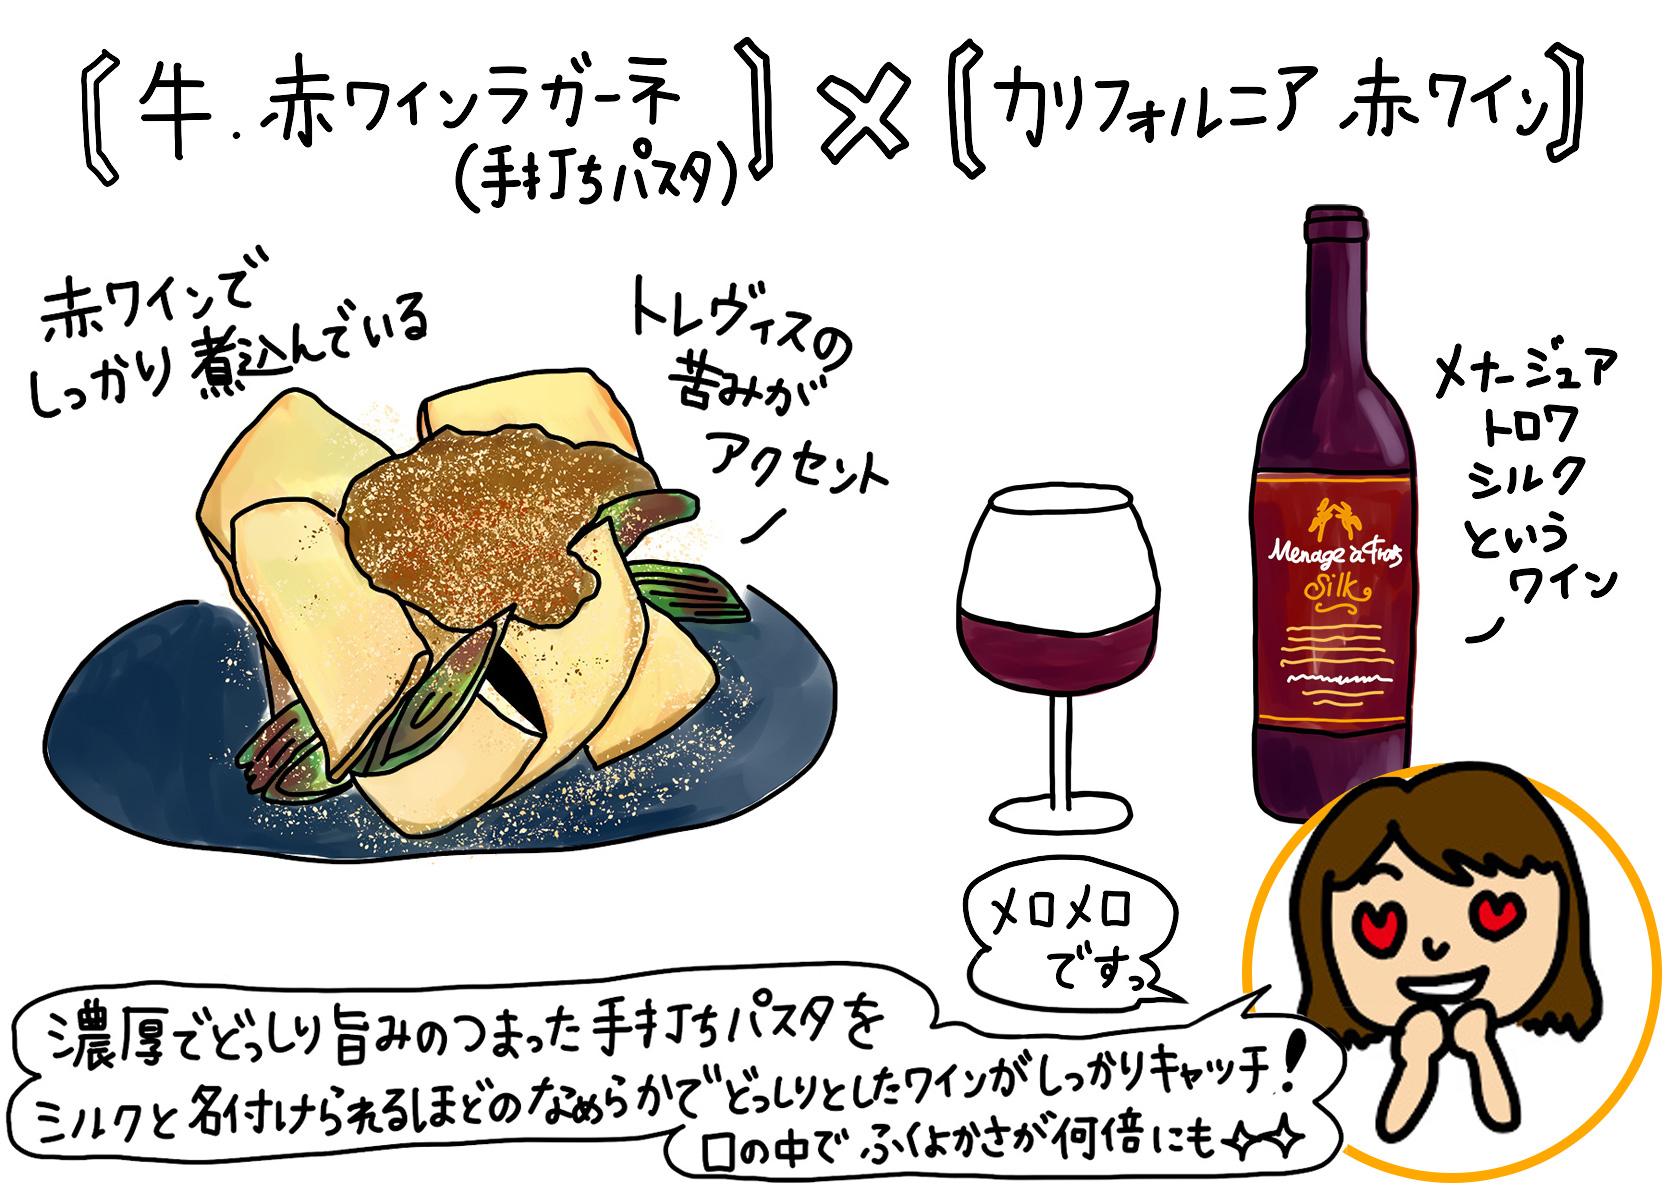 牛・赤ワインラガーネ×カリフォルニア赤ワイン